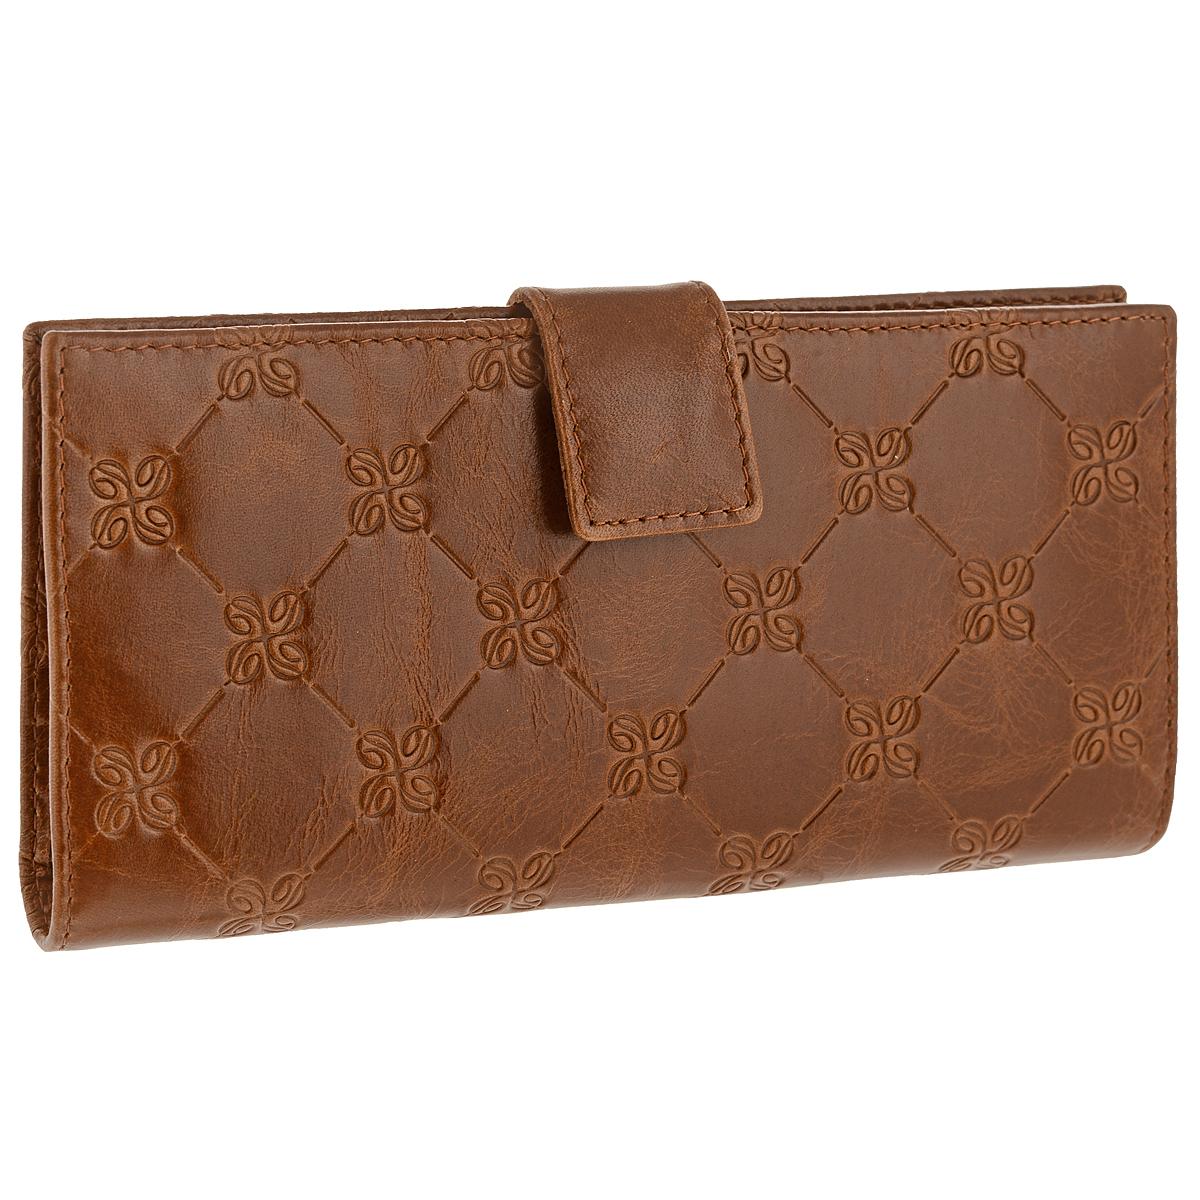 Портмоне женское Louis Brun Dimanche Optima, цвет: коричневый. 342342Стильное женское портмоне Optima выполнено из высококачественной натуральной кожи с тиснением. Портмоне закрывается при помощи хлястика на кнопку. Внутри - четыре отделения для купюр, одиннадцать кармашков для визиток, карман на молнии для монет и два кармашка для sim-карт. Портмоне упаковано в фирменную картонную коробку. Характеристики: Материал: натуральная кожа, текстиль, металл. Размер портмоне: 18,5 см х 8,5 см х 3 см. Цвет: коричневый.